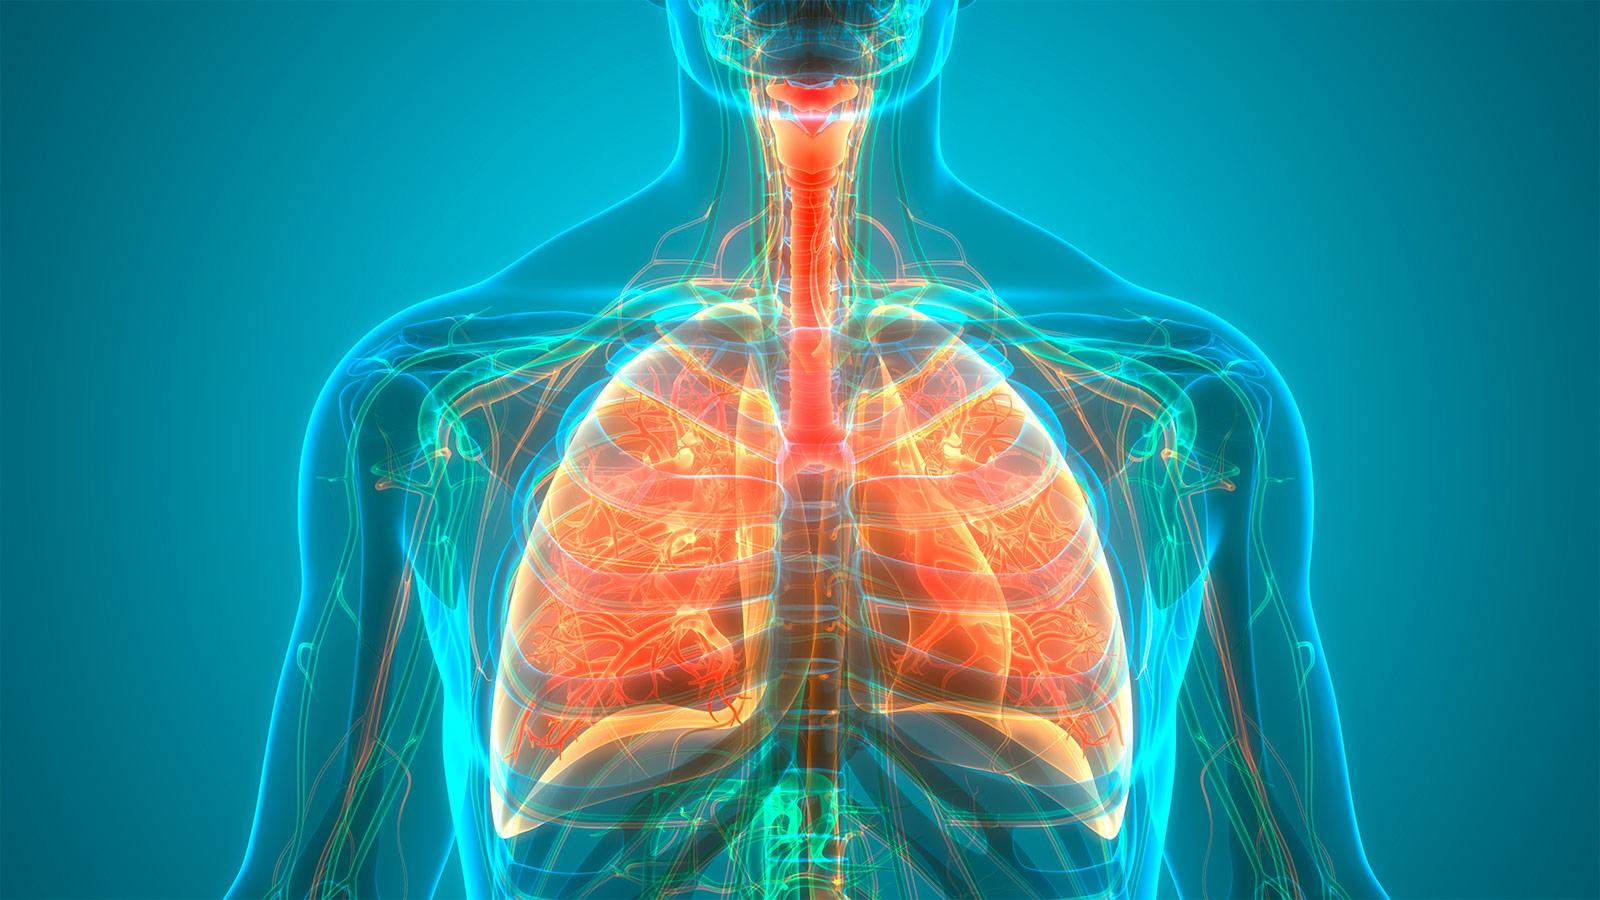 Pulmonology X-Ray